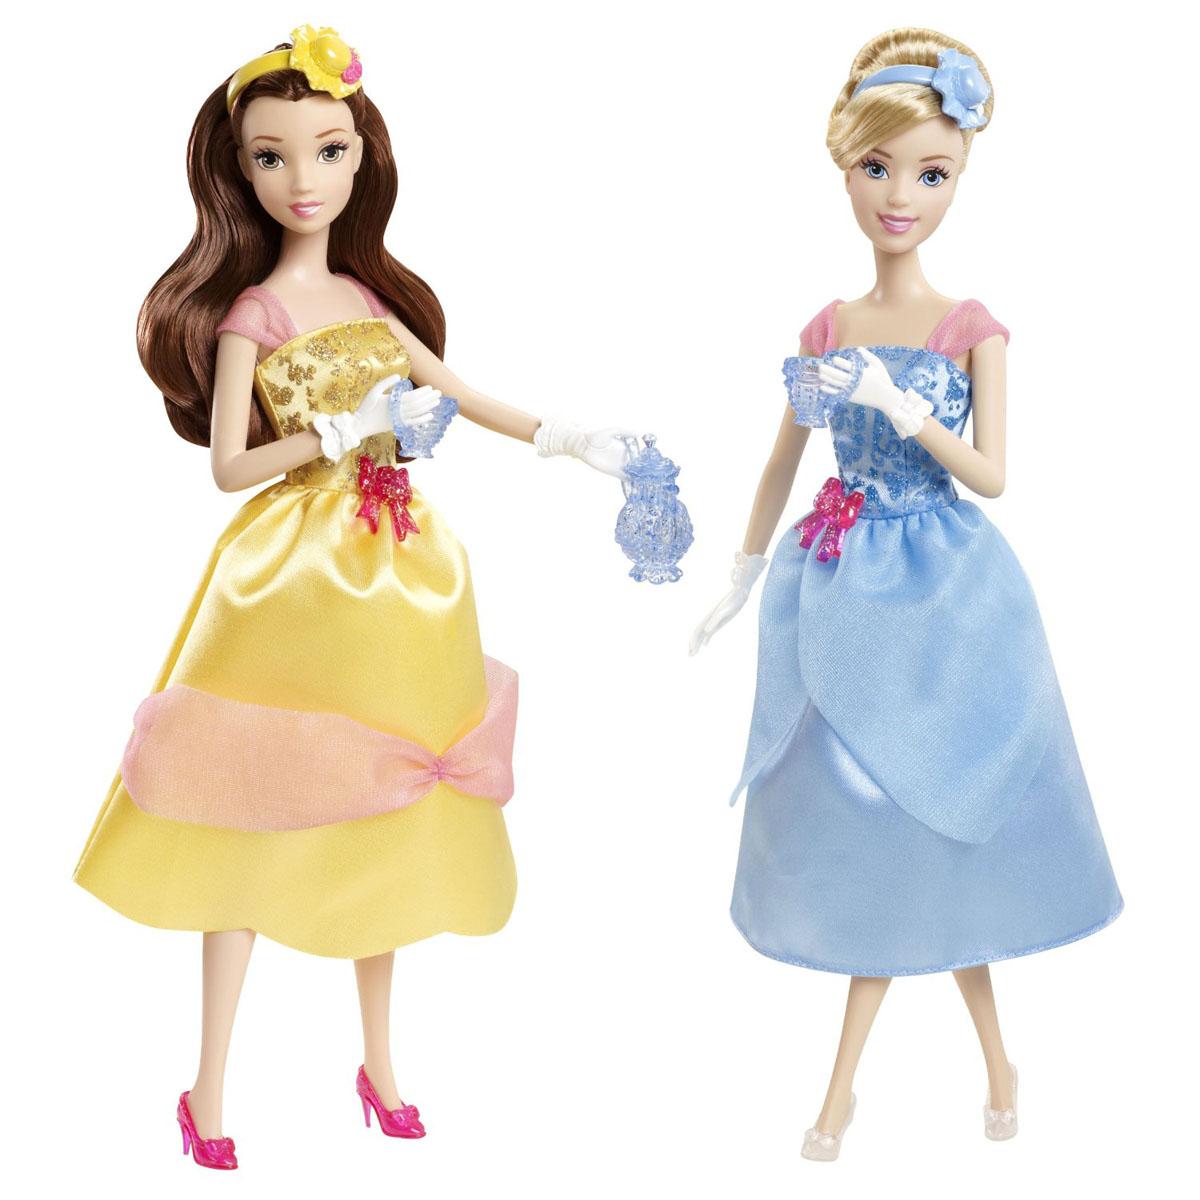 Королевское чаепитие. Золушка и Белль - Куклы и пупсы, артикул: 97457